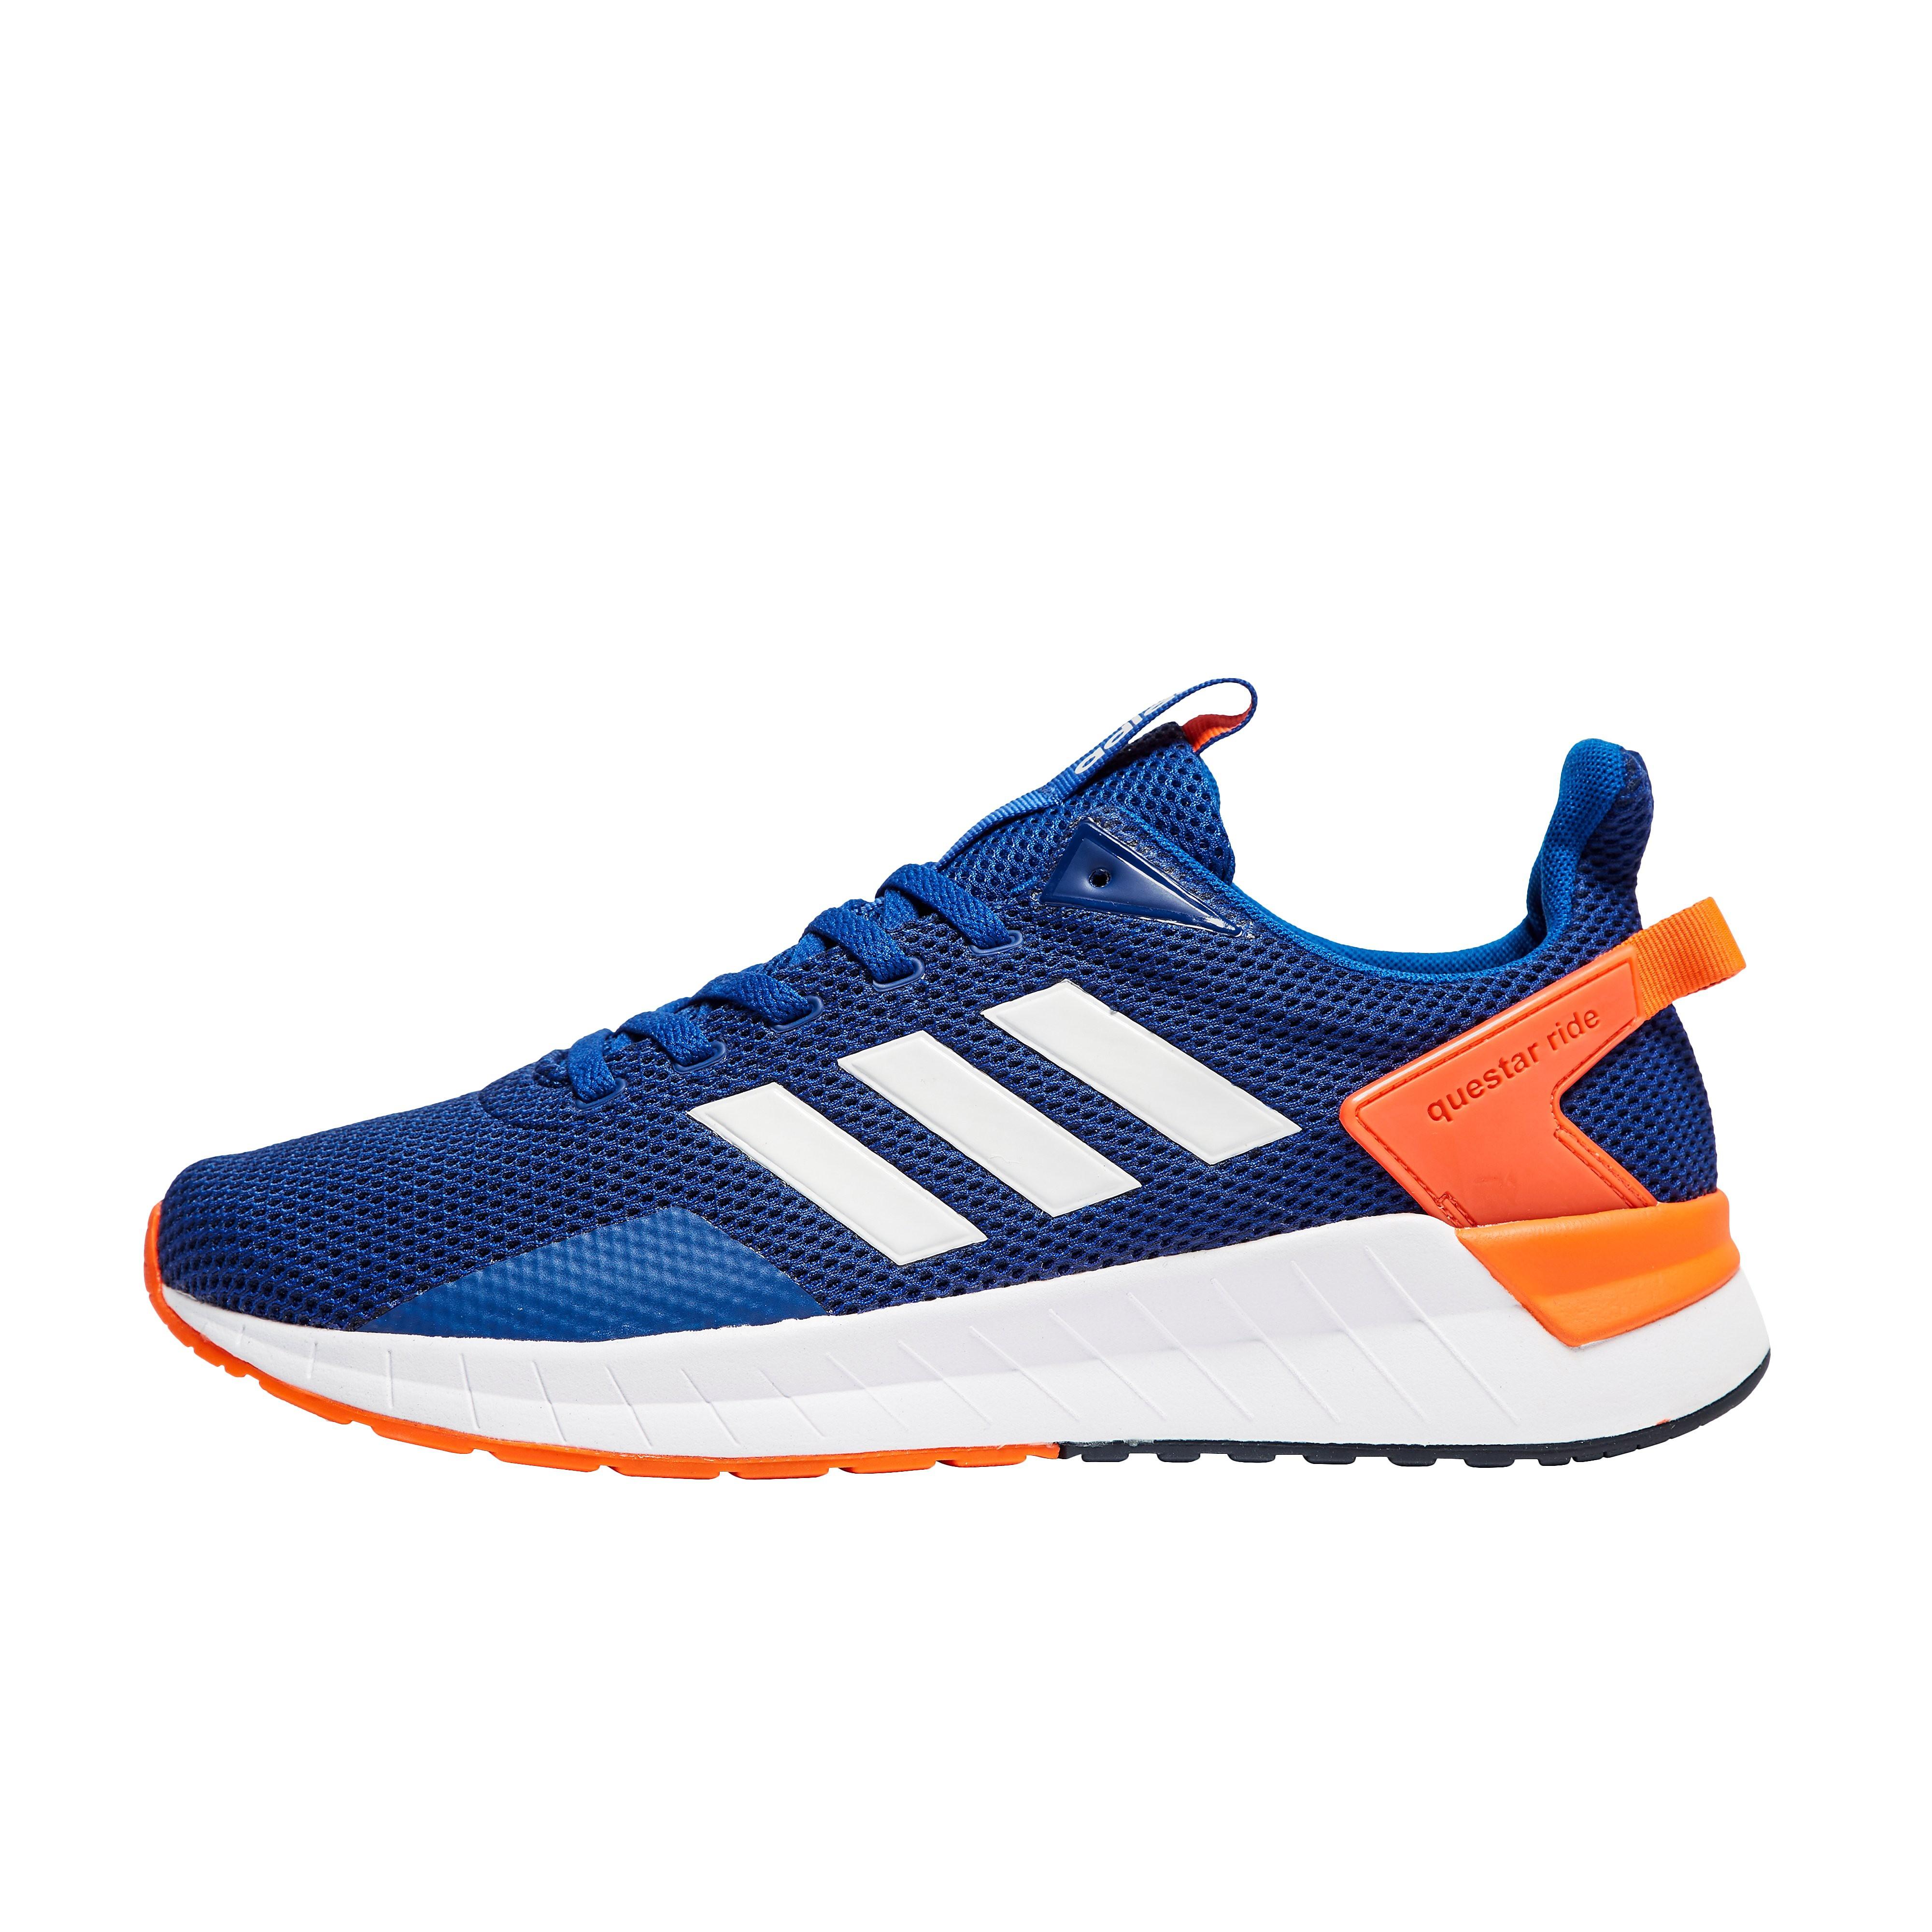 adidas Questar Ride Men's Running Shoes